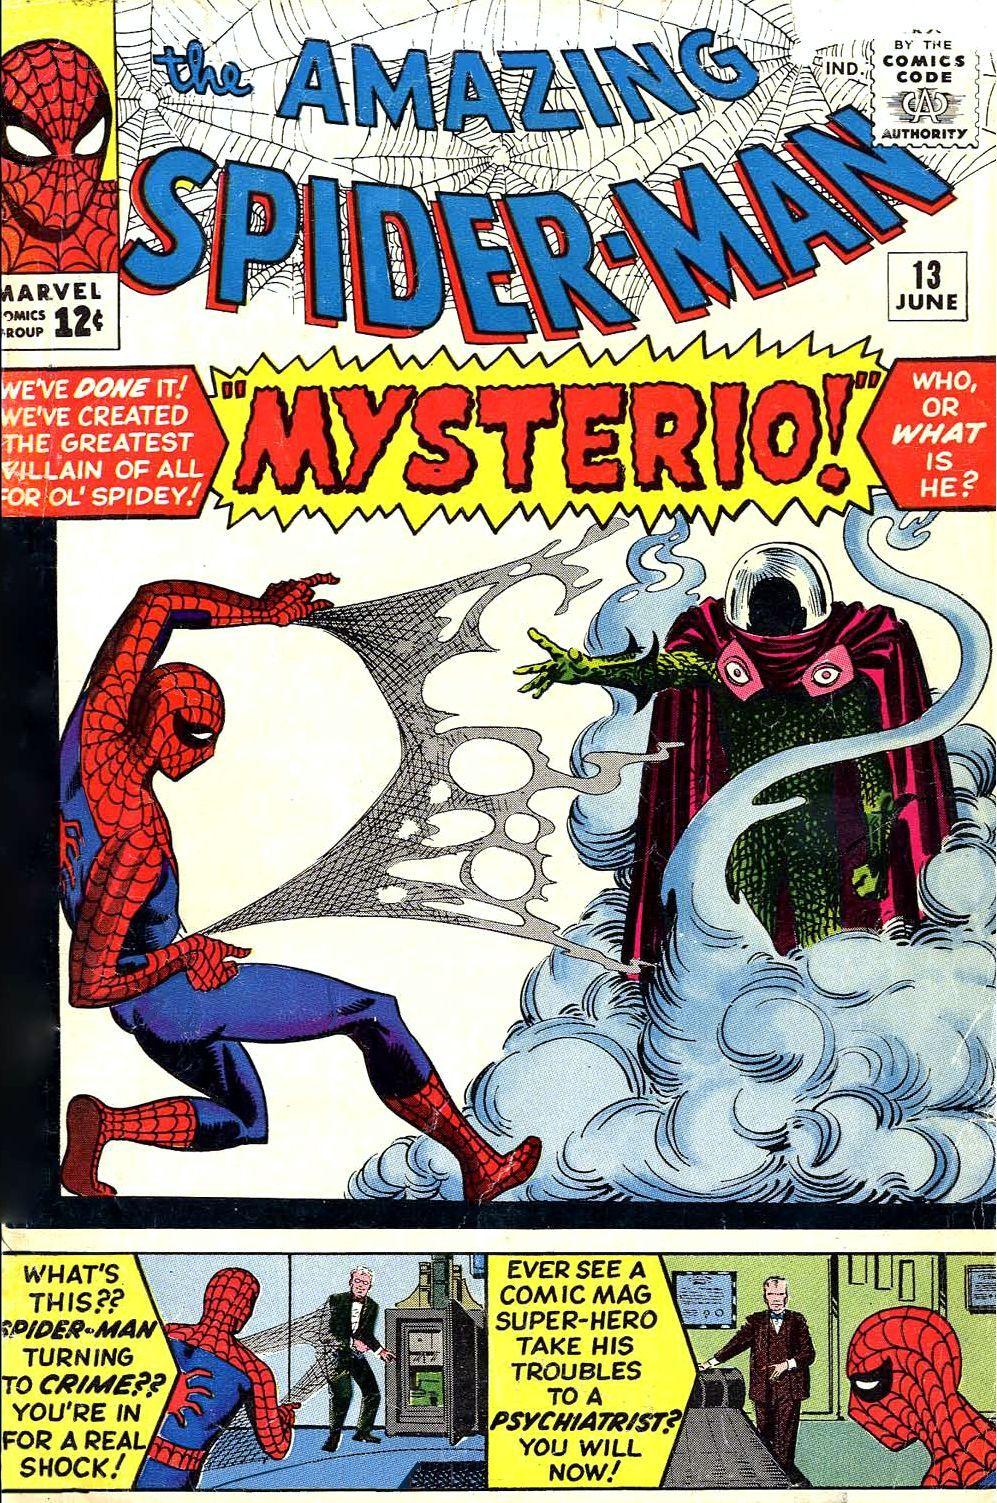 Portada de The Amazing Spider-Man #13 (junio de 1964). Imagen: pinterest.com